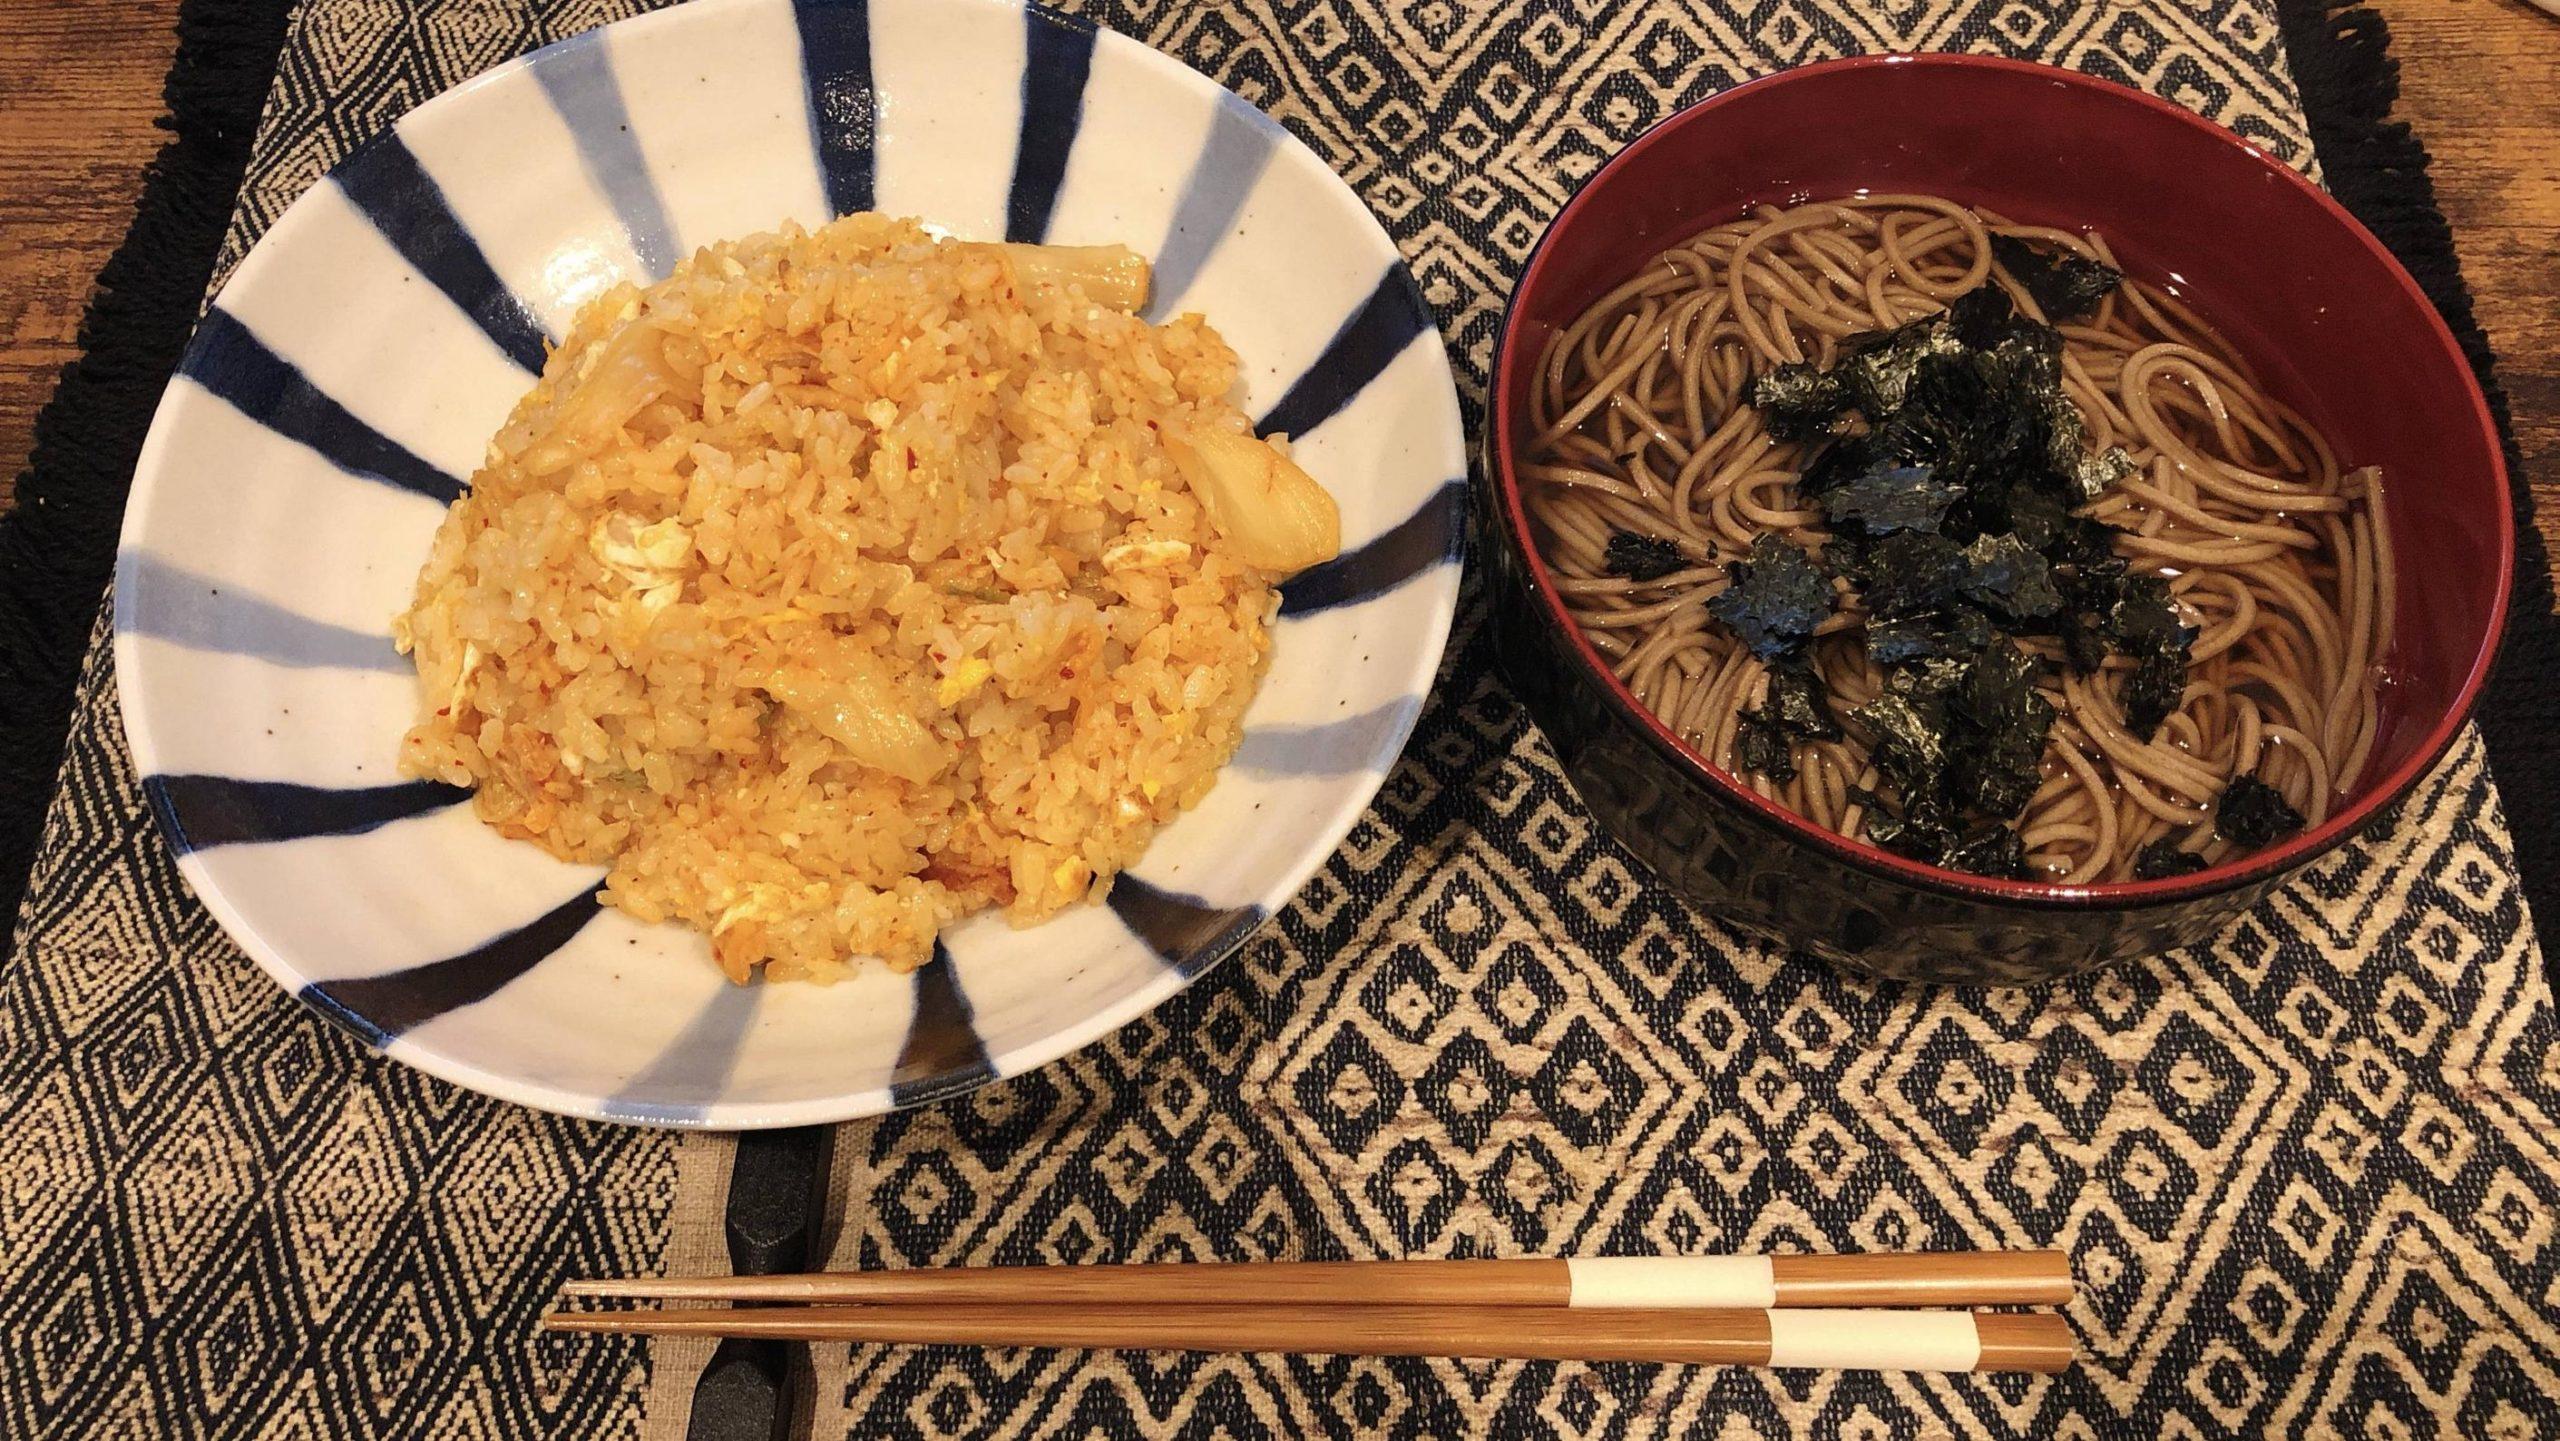 【画像】夜更かし僕の夜食「蕎麦とキムチチャーハン」wwwww